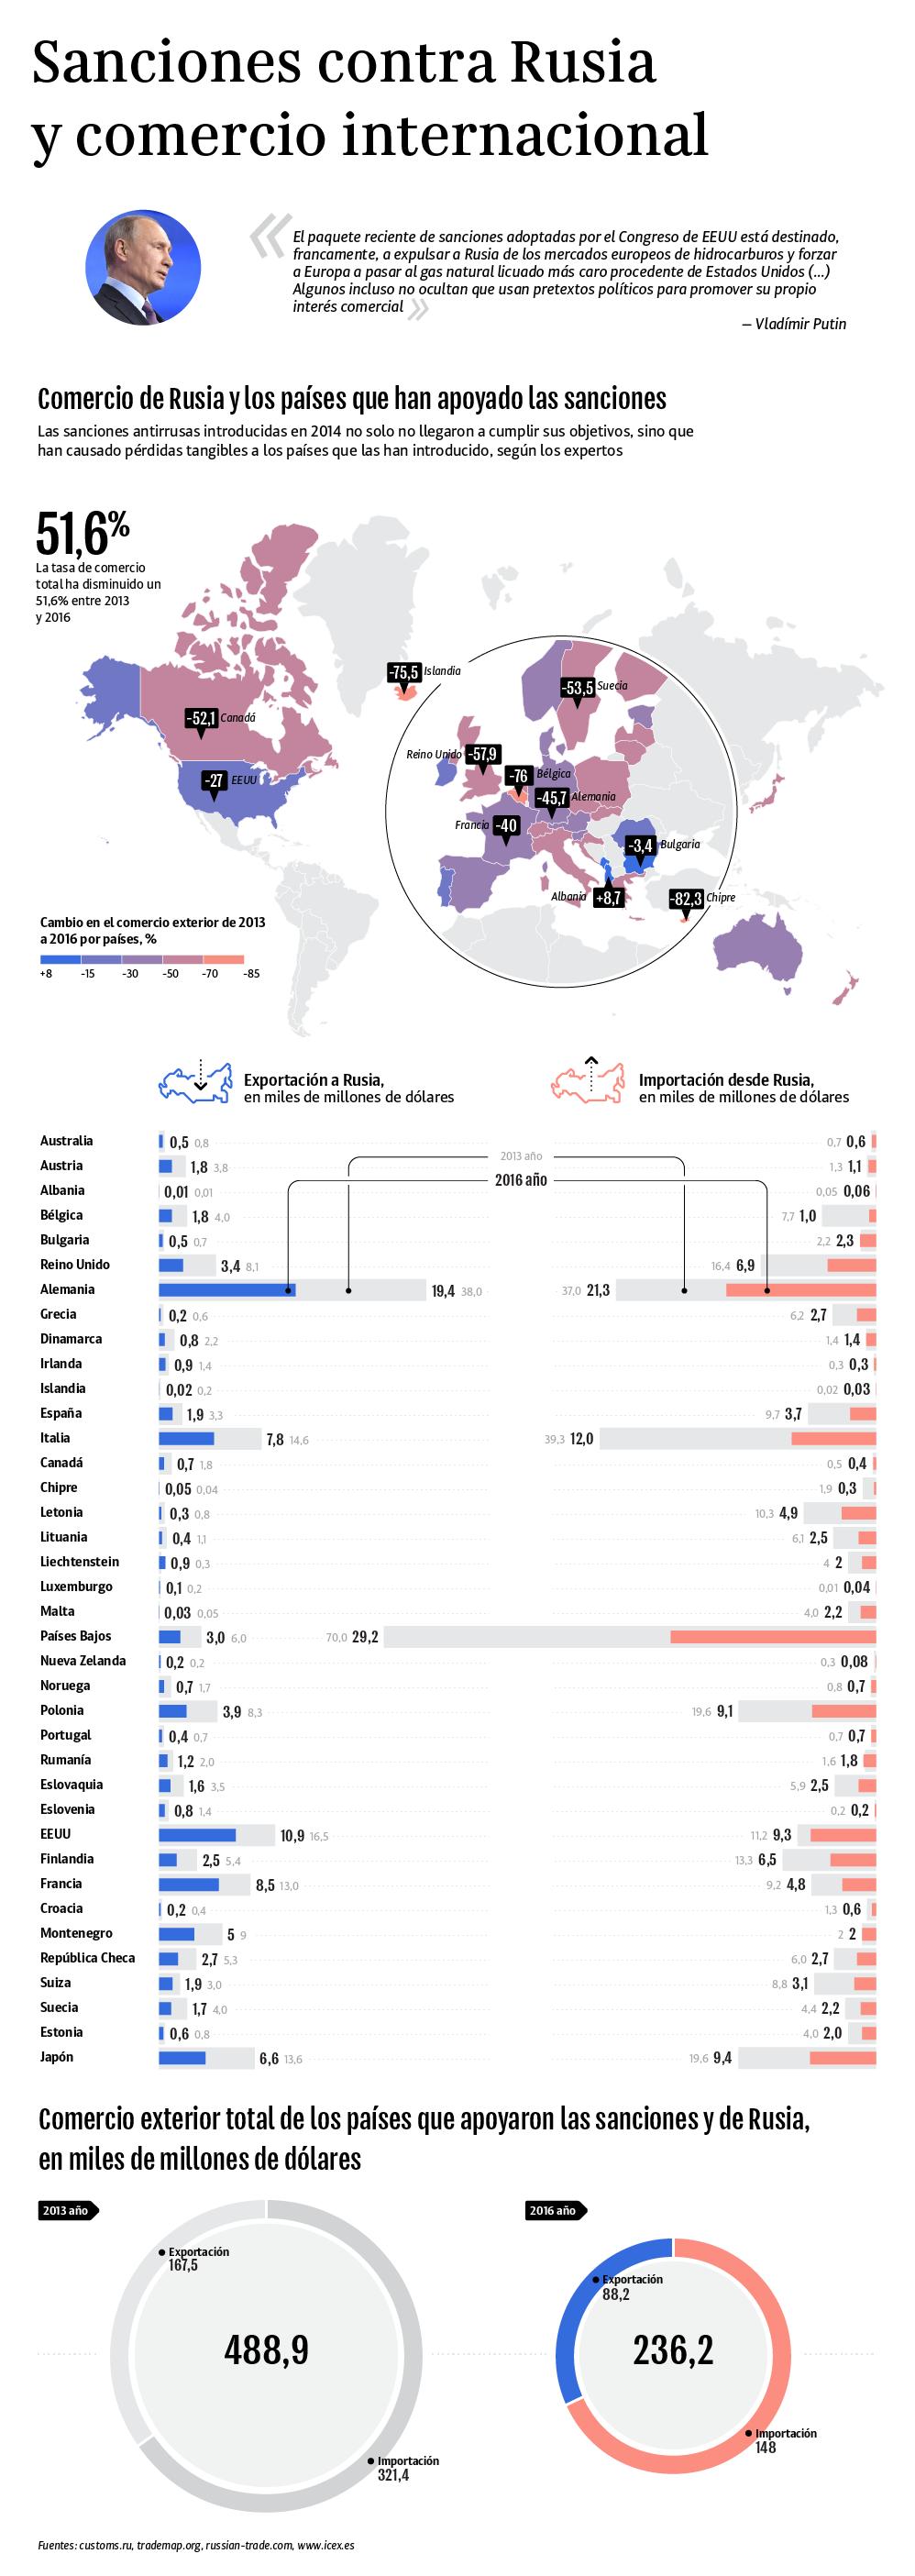 Sanciones contra Rusia y comercio internacional - Sputnik Mundo